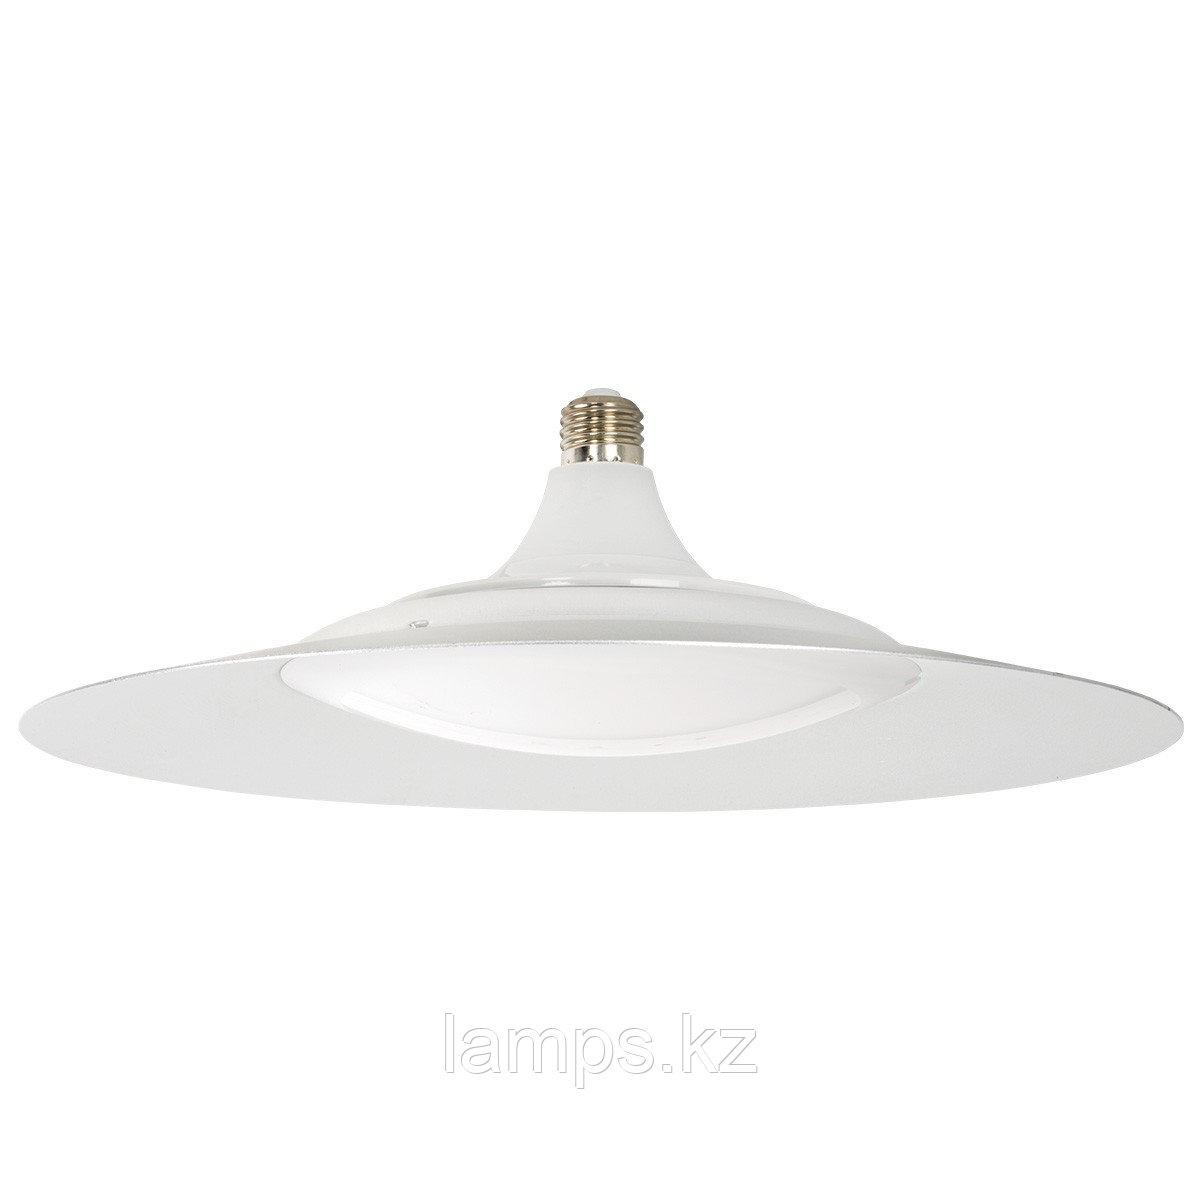 Светильник светодиодный потолочный промышленный UFO50 LED 50W E27 5700-6000K